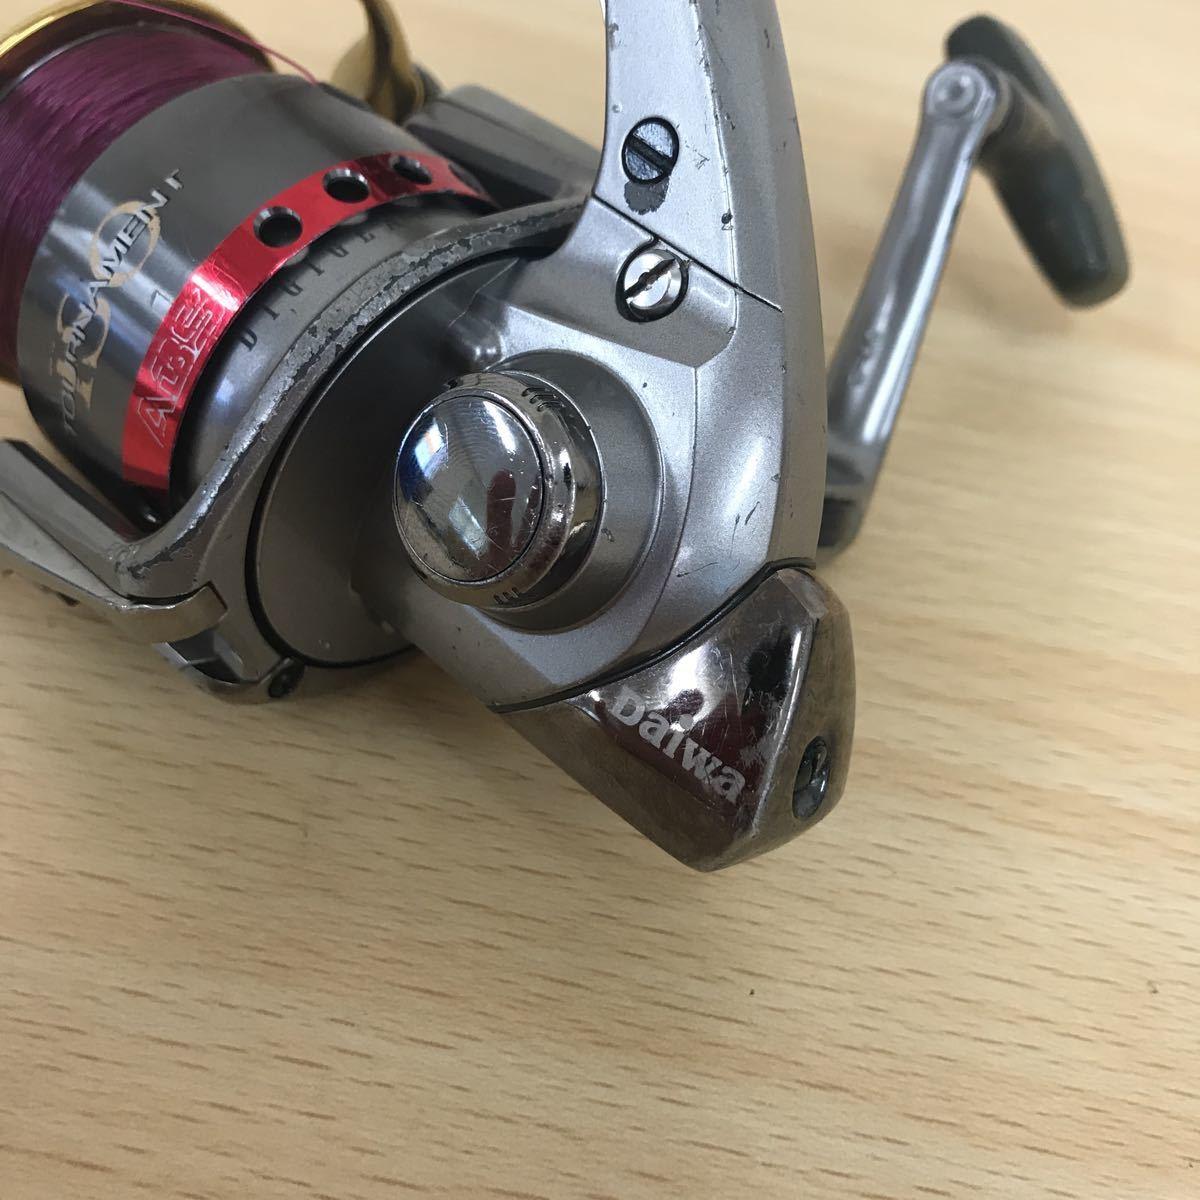 中古品 Daiwa トーナメント ISO Z3000LB ダイワ スピニングリール 釣具 TOURNAMENT_画像3